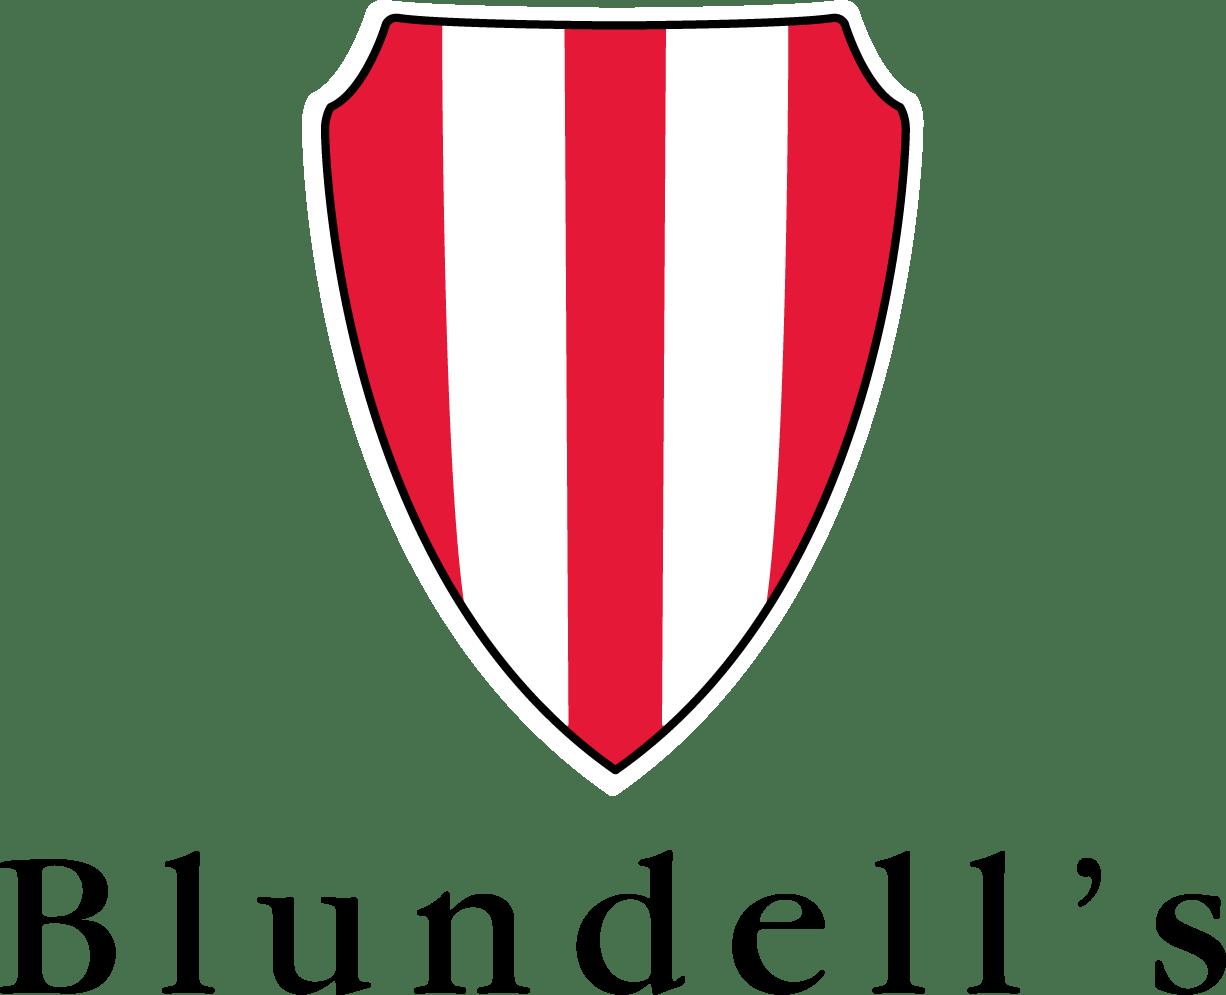 Blundells Org